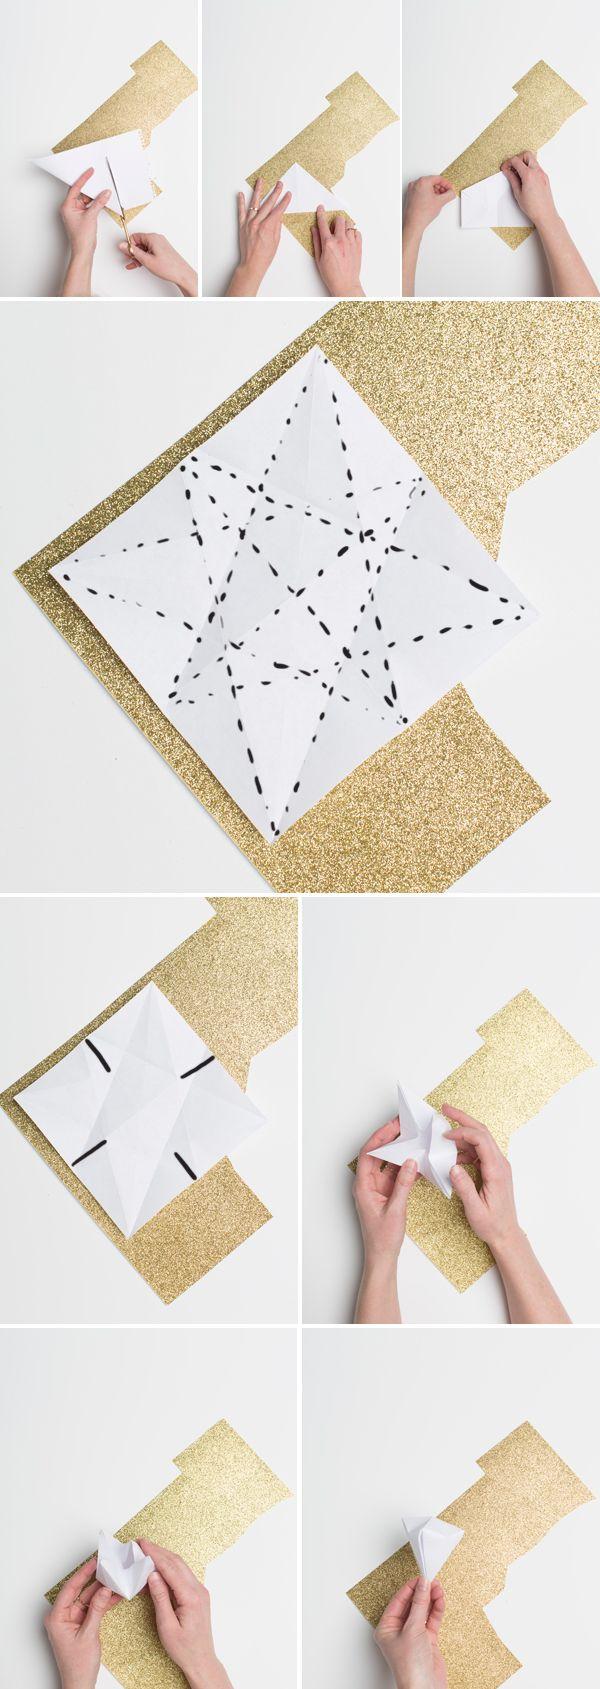 M s de 25 ideas incre bles sobre doblado de servilletas en - Doblar servilletas para navidad ...